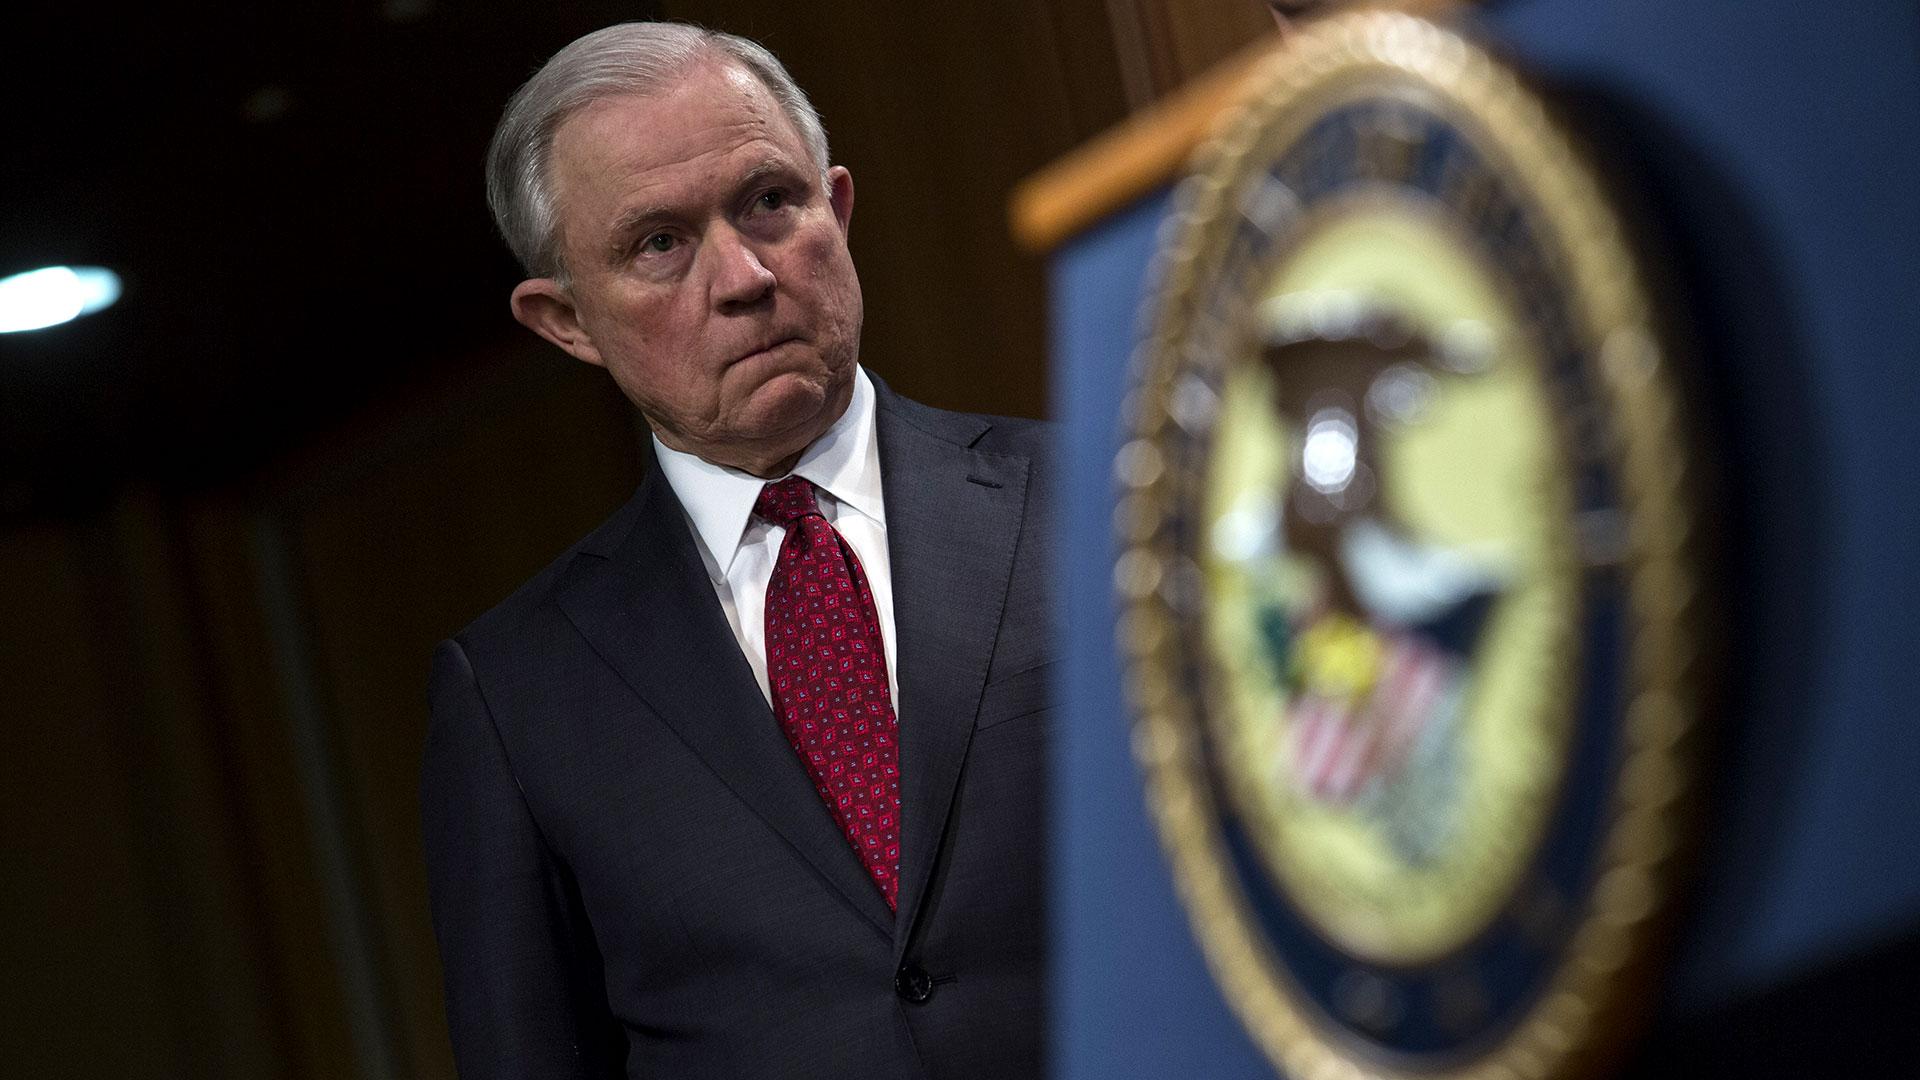 Según indicó Sessions, el grupo de trabajo utilizará todos los recursos penales y civiles disponibles bajo la ley federal para responsabilizar a los fabricantes de opioides por prácticas ilegales (AFP)